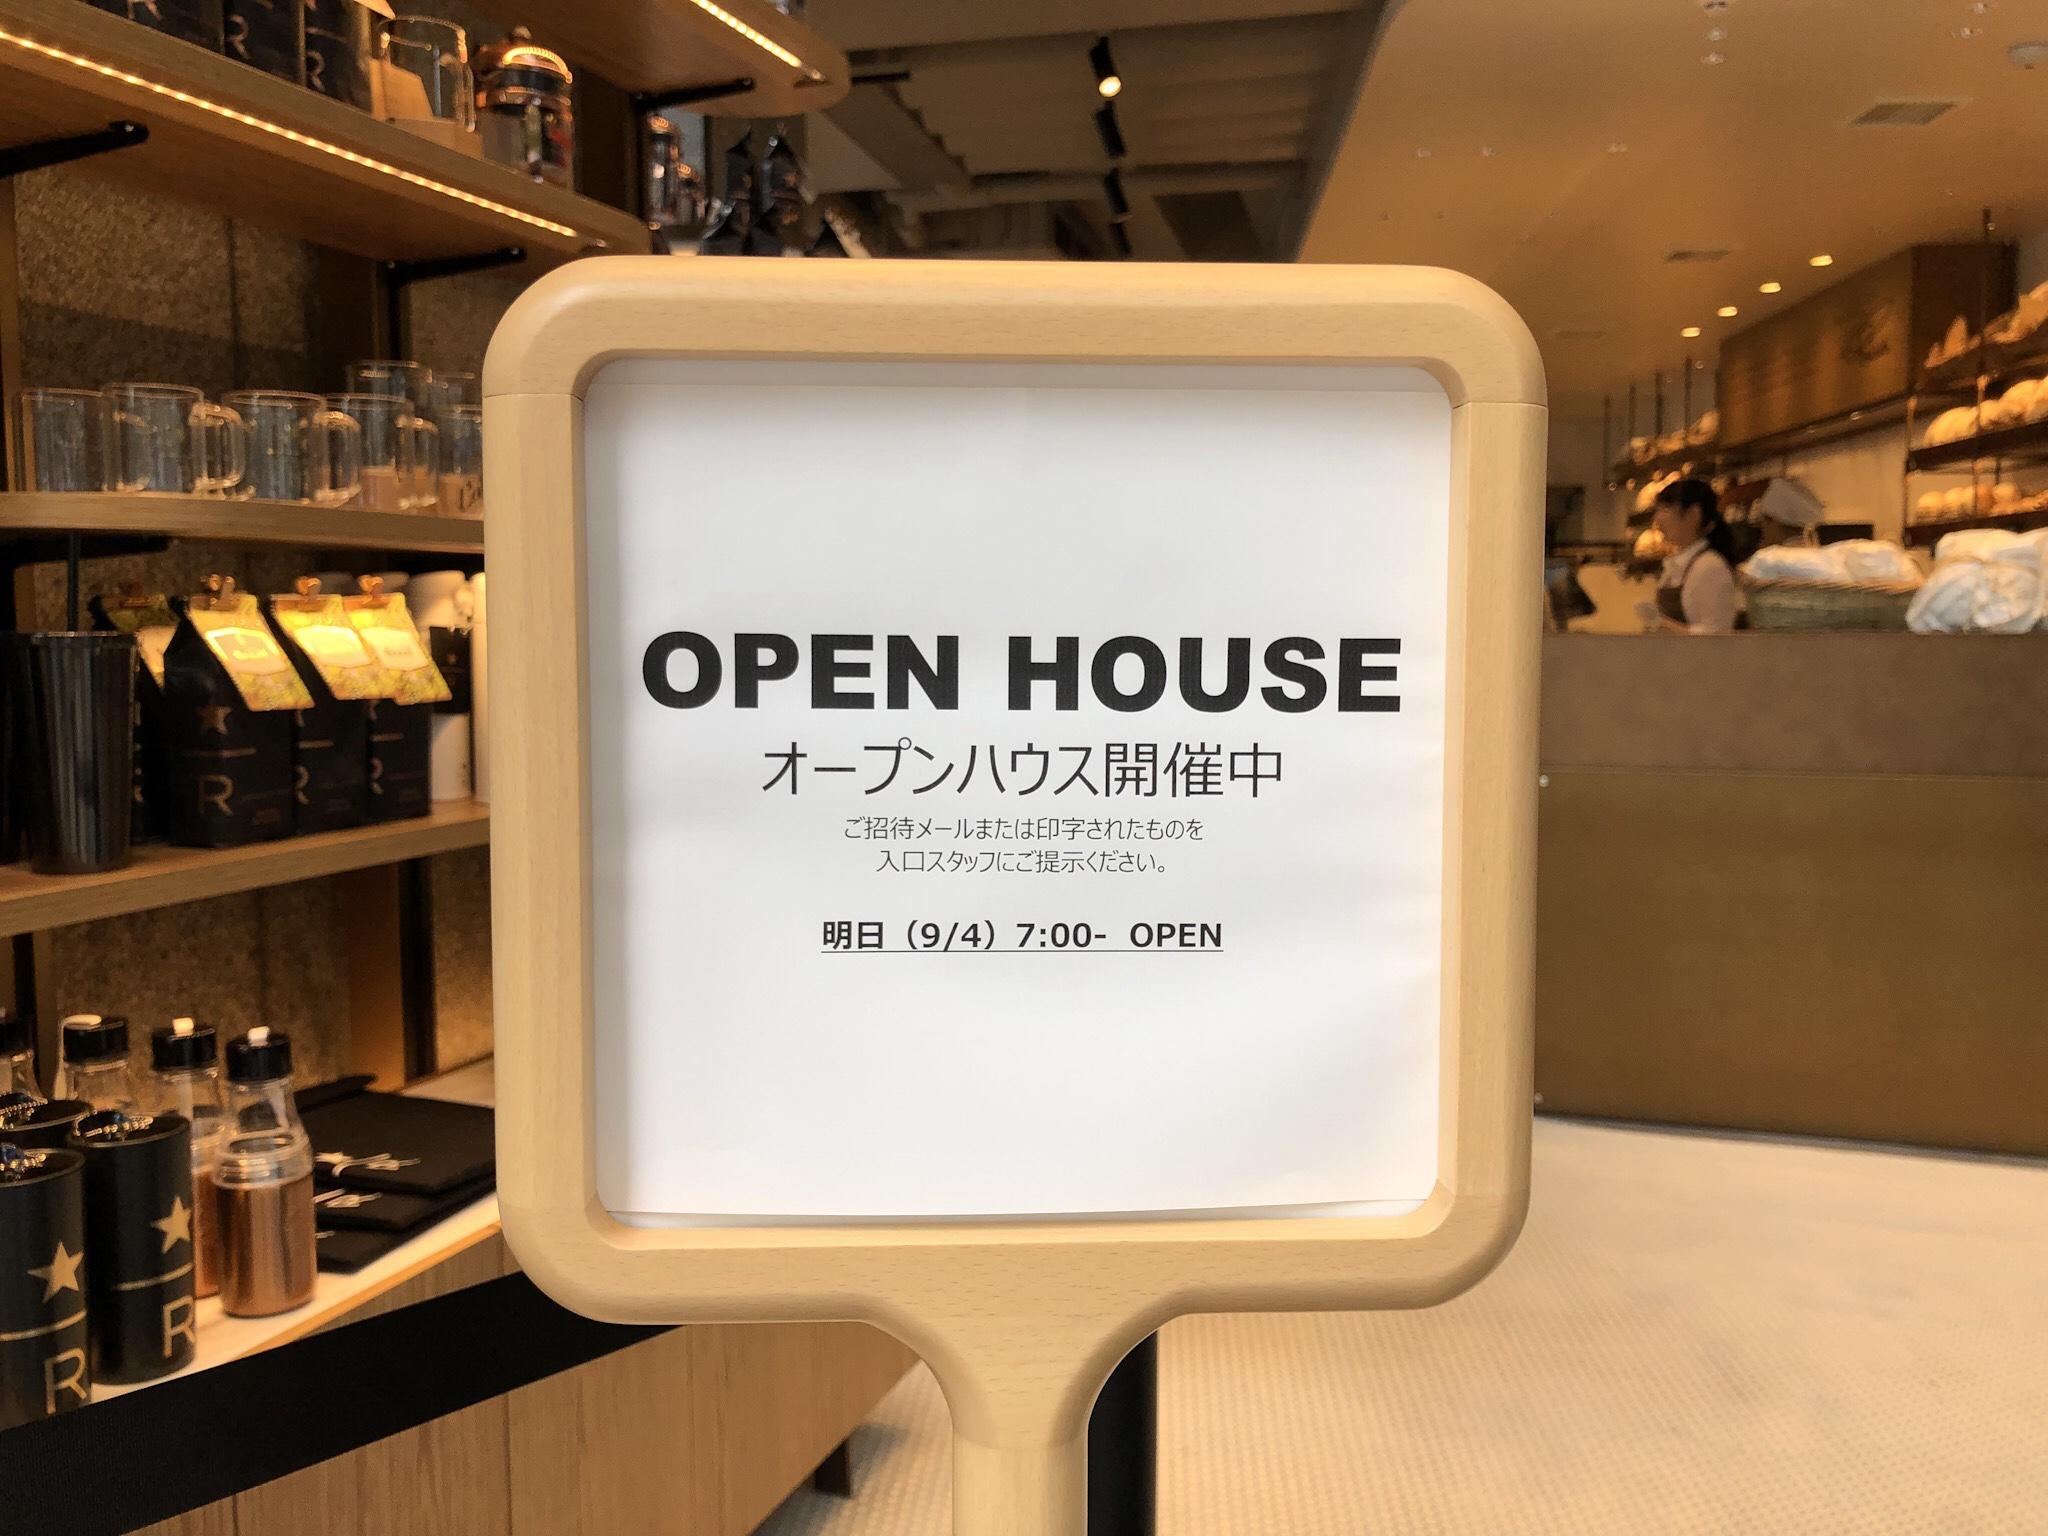 スターバックスリザーブストア銀座マロニエ通り店のオープンハウスの看板